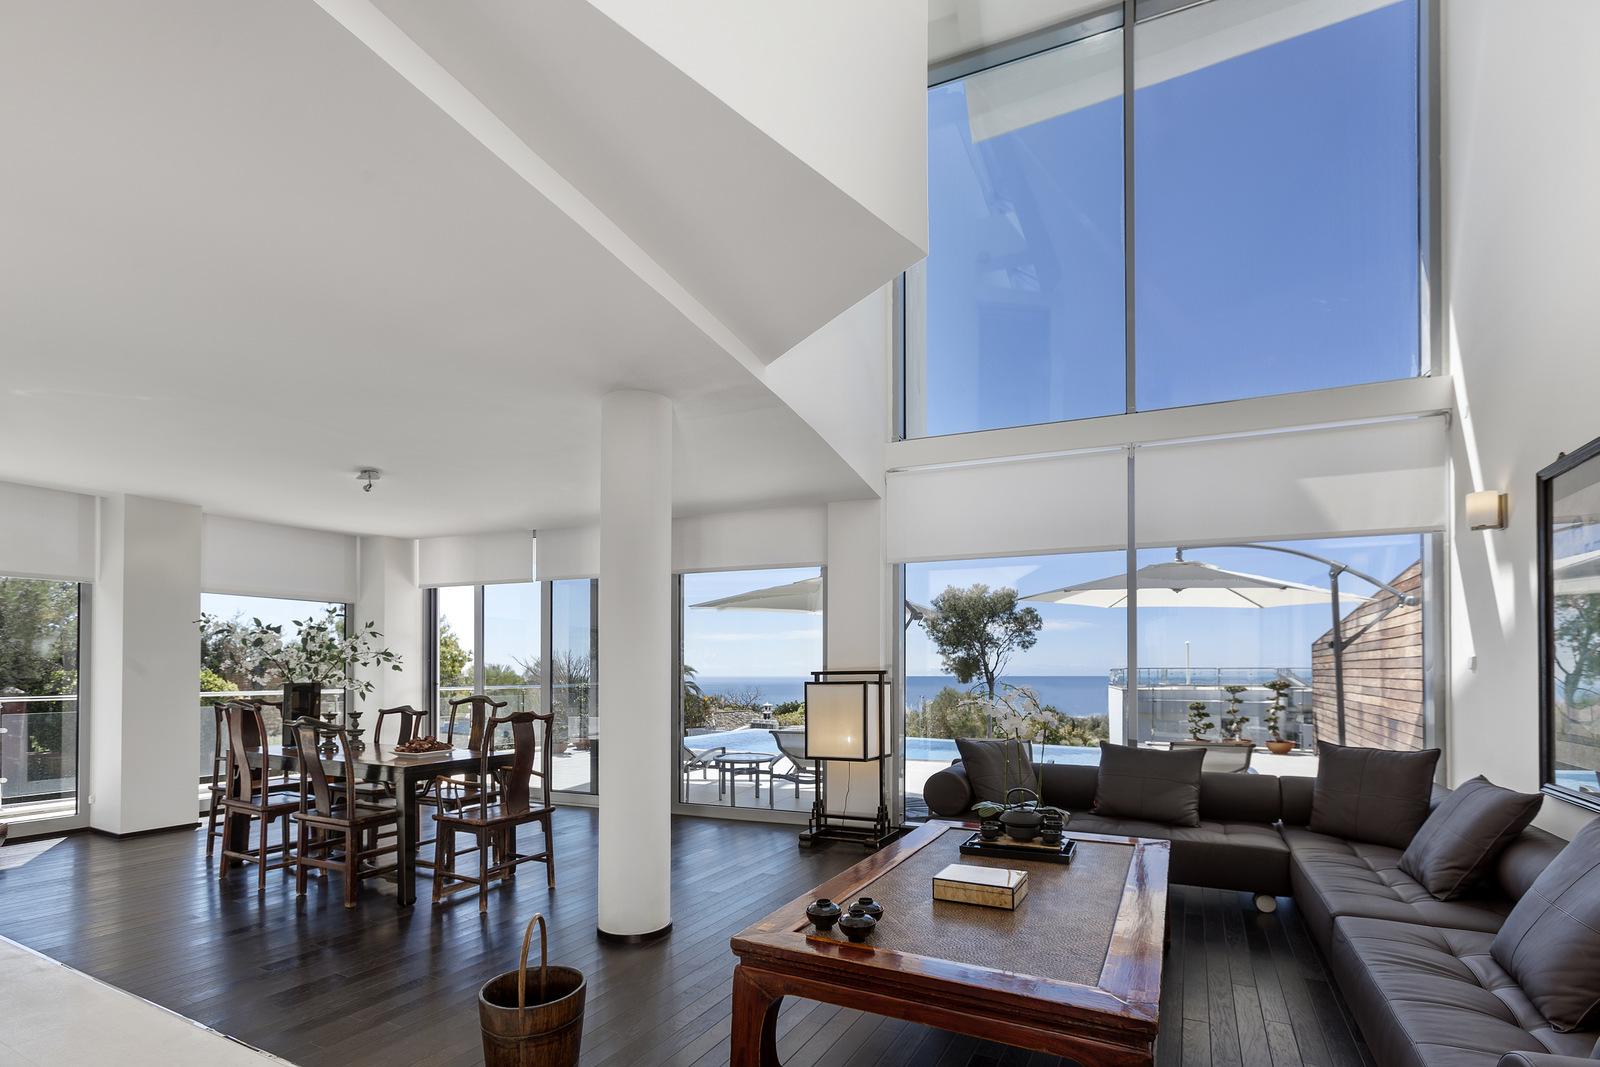 Einfamilienhaushälfte im Verkauf in Sierra Blanca, Marbella Goldene Meile